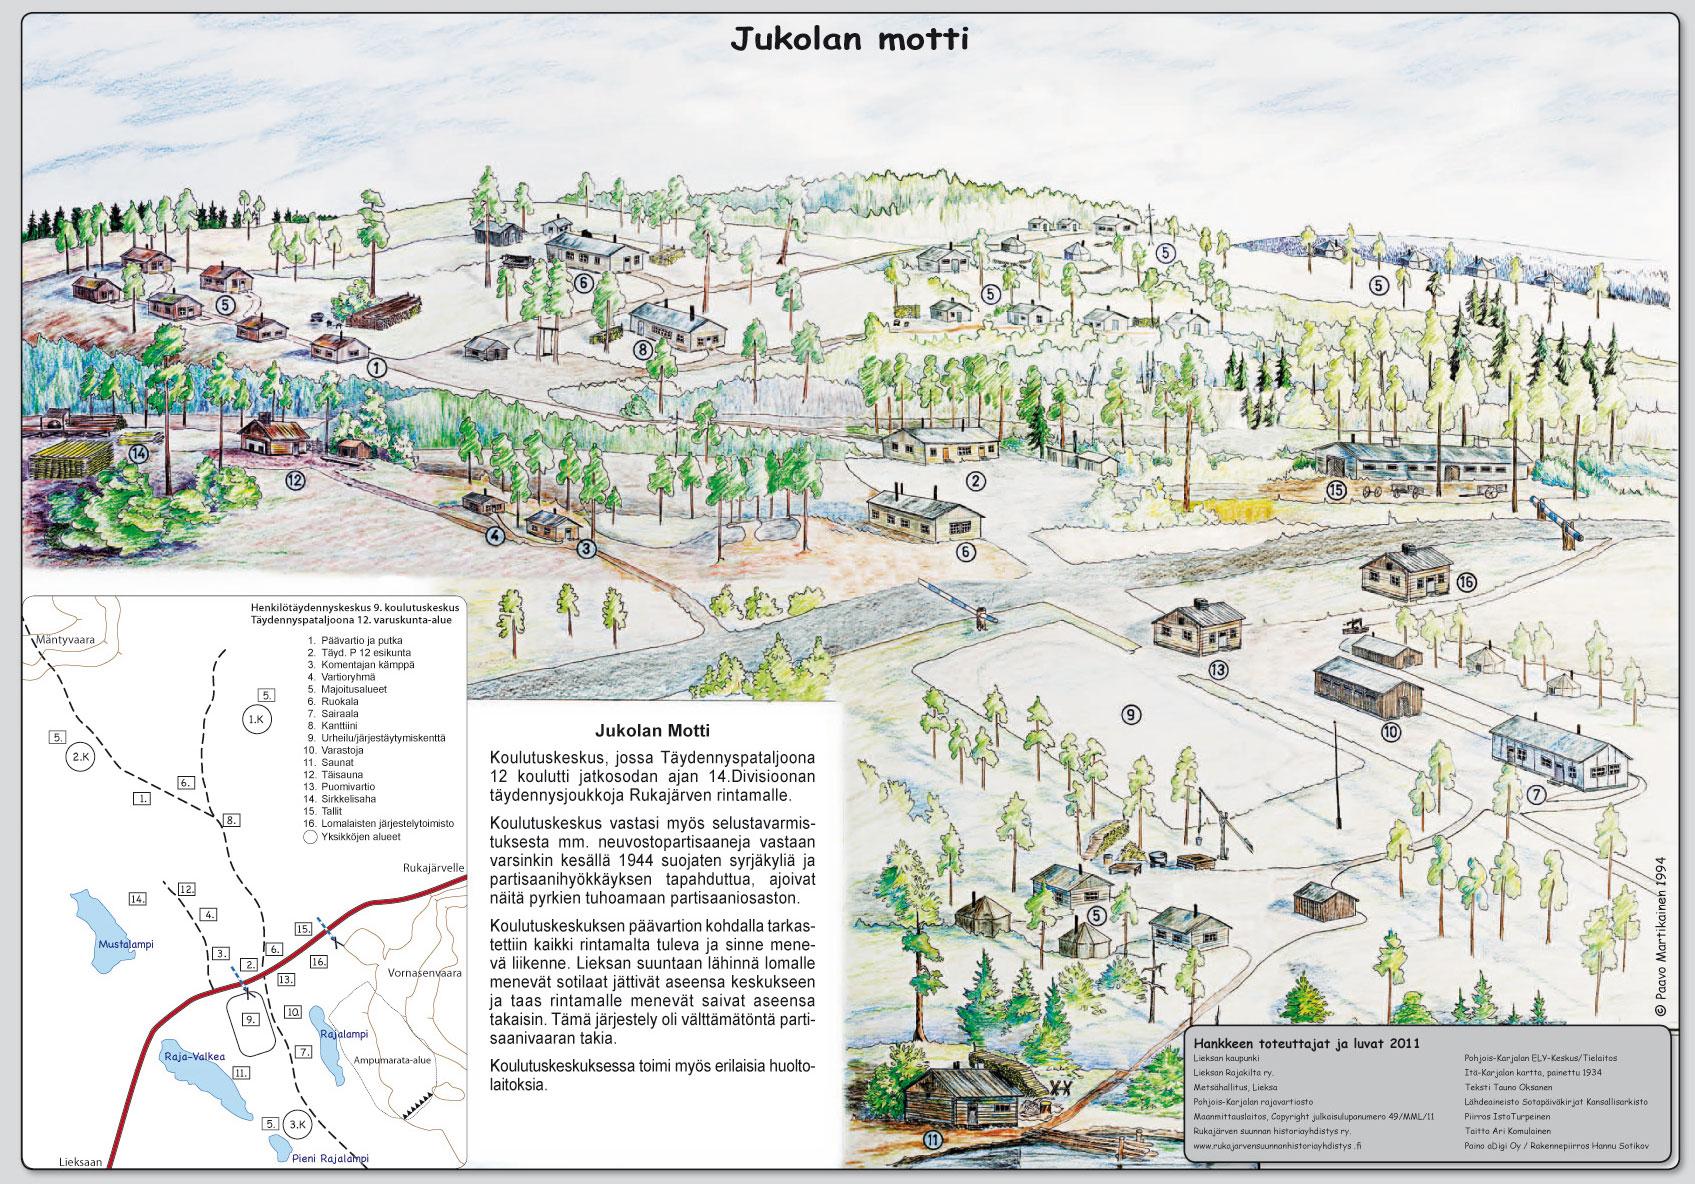 Jukolan motin opasteessa on taiteilija Paavo Martikaisen 1994 maalaus. Täällä toimi Jatkosodan aikana huolto- ja koulutuskeskus. Täydennyspataljoona 12 koulutti täydennysjoukkoja Rukajärven rintamalle.